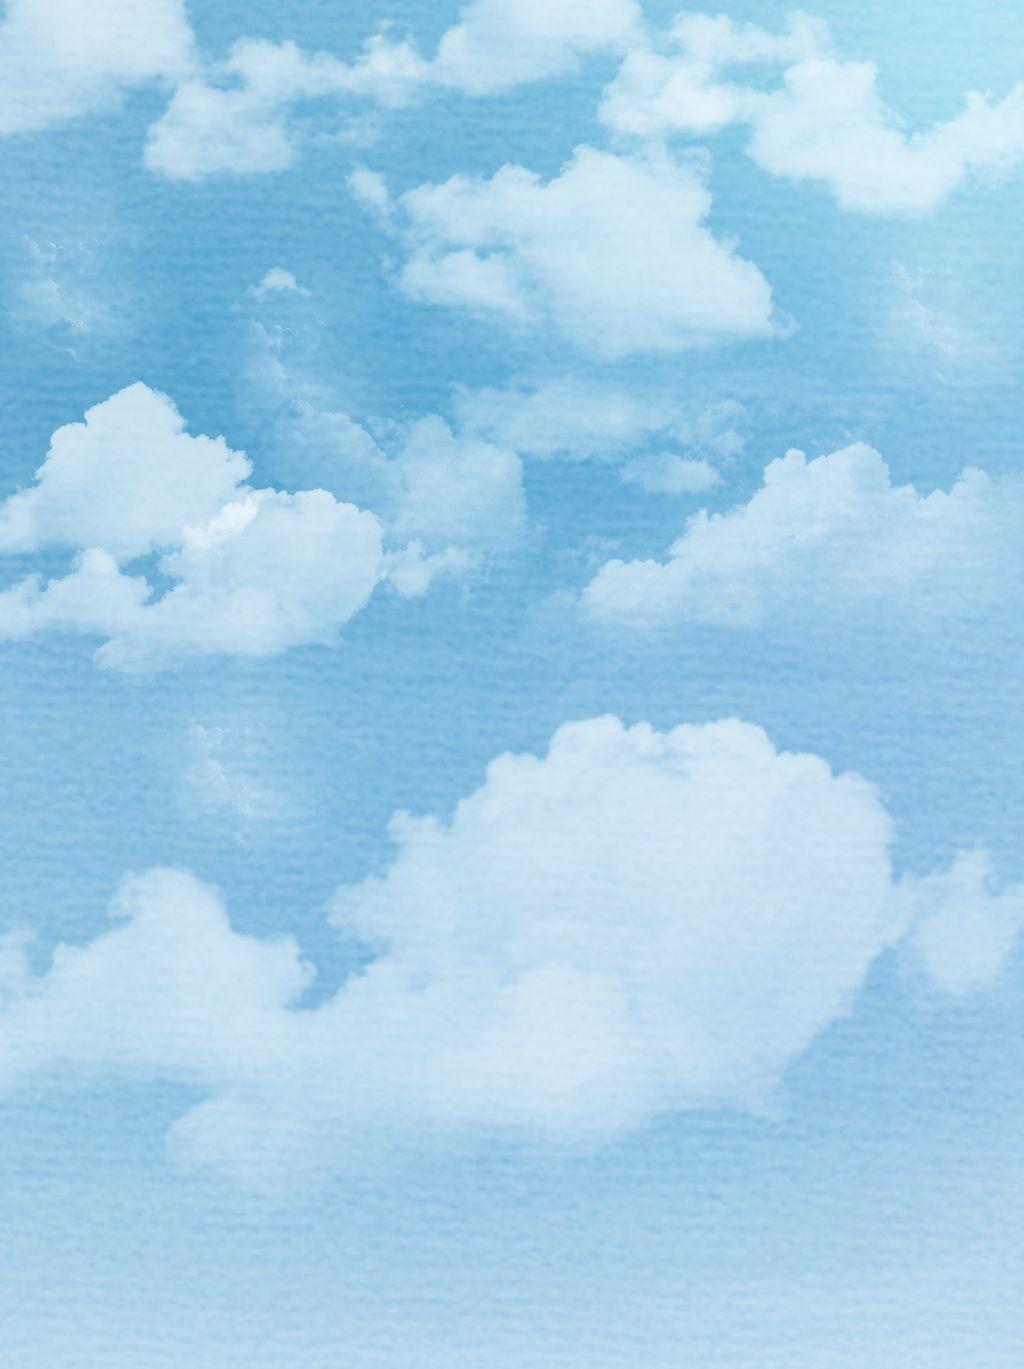 Materiel De Fond Bleu Aquarelle Nuages Bleu Ciel En 2020 Fond D Ecran Telephone Dessin De Nuages Fond D Ecran Colore